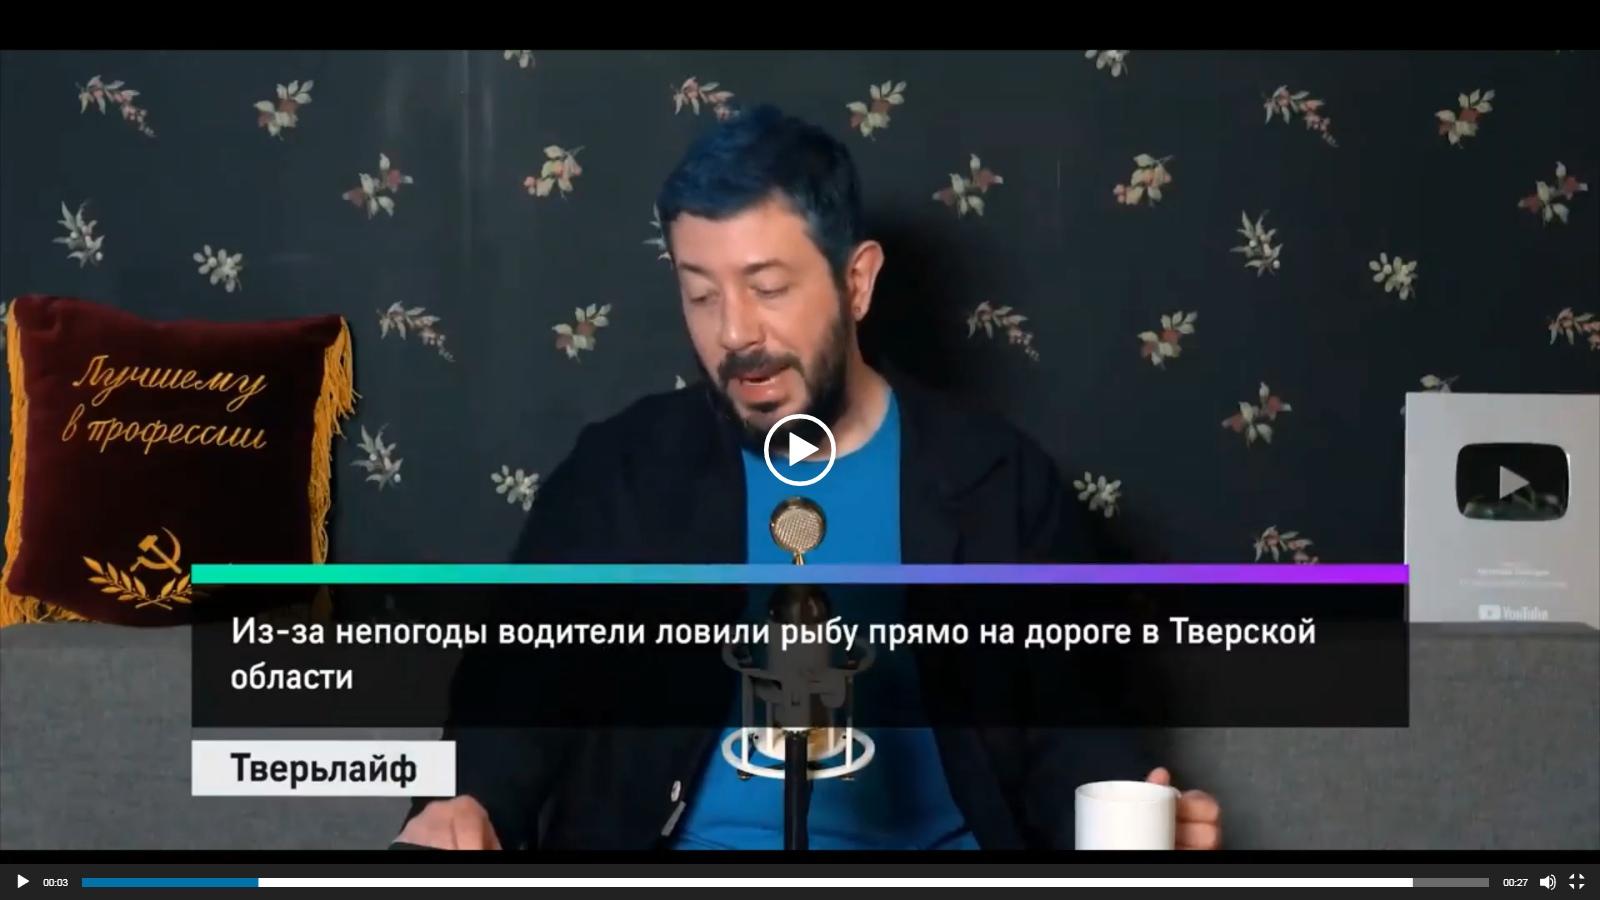 """Блогер Артемий Лебедев оценил новости с сайта """"Тверьлайф"""""""